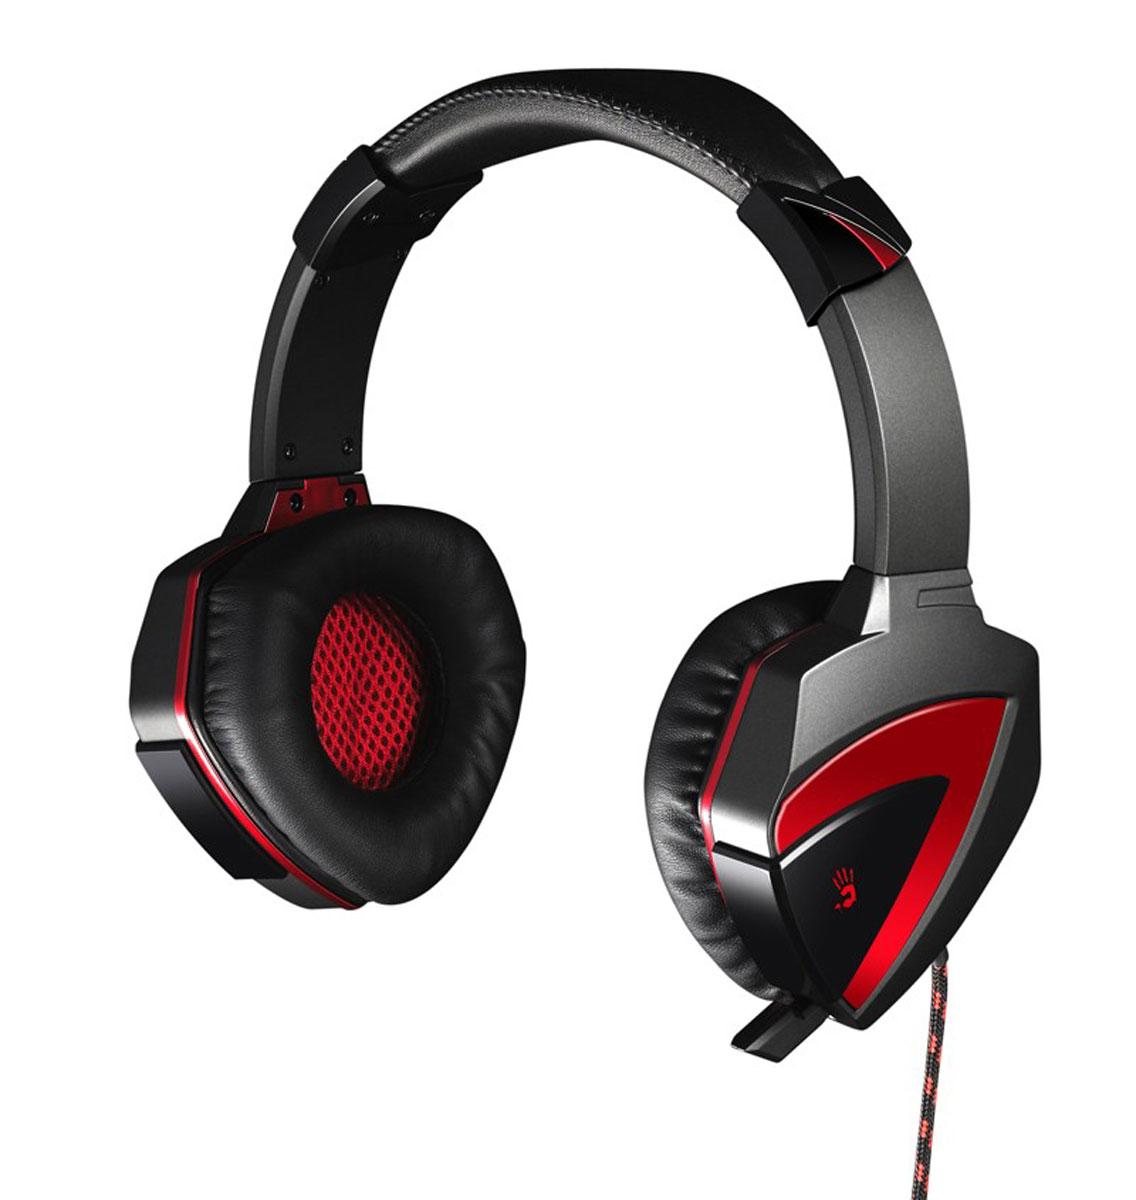 A4Tech Bloody G501, Black игровая гарнитураG501Игровая гарнитура Bloody G501 обеспечивают полноценное объемное звучание в формате 7.1, благодаря чему вы сможете почувствовать себя участником происходящего на экране. Гарнитура создана для полного погружения игрока в виртуальный мир!Выдвижной микрофон:Если вы не используете микрофон, то можете его спрятать и использовать гарнитуру как мониторные наушники.Альтернативные настройки голоса в микрофоне: Воспользуйтесь одним из пяти эффектов настройки звучания голоса выбирайте режим работы микрофона (Original / Warcraft / Duck / Male-Female / Female-Male).Безупречный комфорт:Оголовье наушников регулируется, а амбушюры созданы специально для комфортного прослушивания. Раковины вращаются на 360 градусов, что создает максимальный комфорт для пользователя!Шумоподавление:Шумы полностью подавляются, что позволяет игроку не отвлекаться от игры.Легкий вес и компактность: Вес гарнитуры всего 258 г, благодаря легкости, шея и голова игрока находится в комфорте и не устает.Bloody G501 не обычная игровая гарнитура, эта гарнитура обладает всем спектром настроек профессионального уровня, что удовлетворит требования любого геймера. Все это было достигнуто путем инновационных разработок и многолетнего опыта. С гарнитурой Bloody играть в вашу любимую игру станет приятнее и вы ощутите звук на все 100%!Характеристики микрофона:Направленность микрофона: всенаправленныйЧувствительность микрофона: -58 дБЧастотный диапазон: 50 - 16000 ГцКак выбрать игровые наушники. Статья OZON Гид